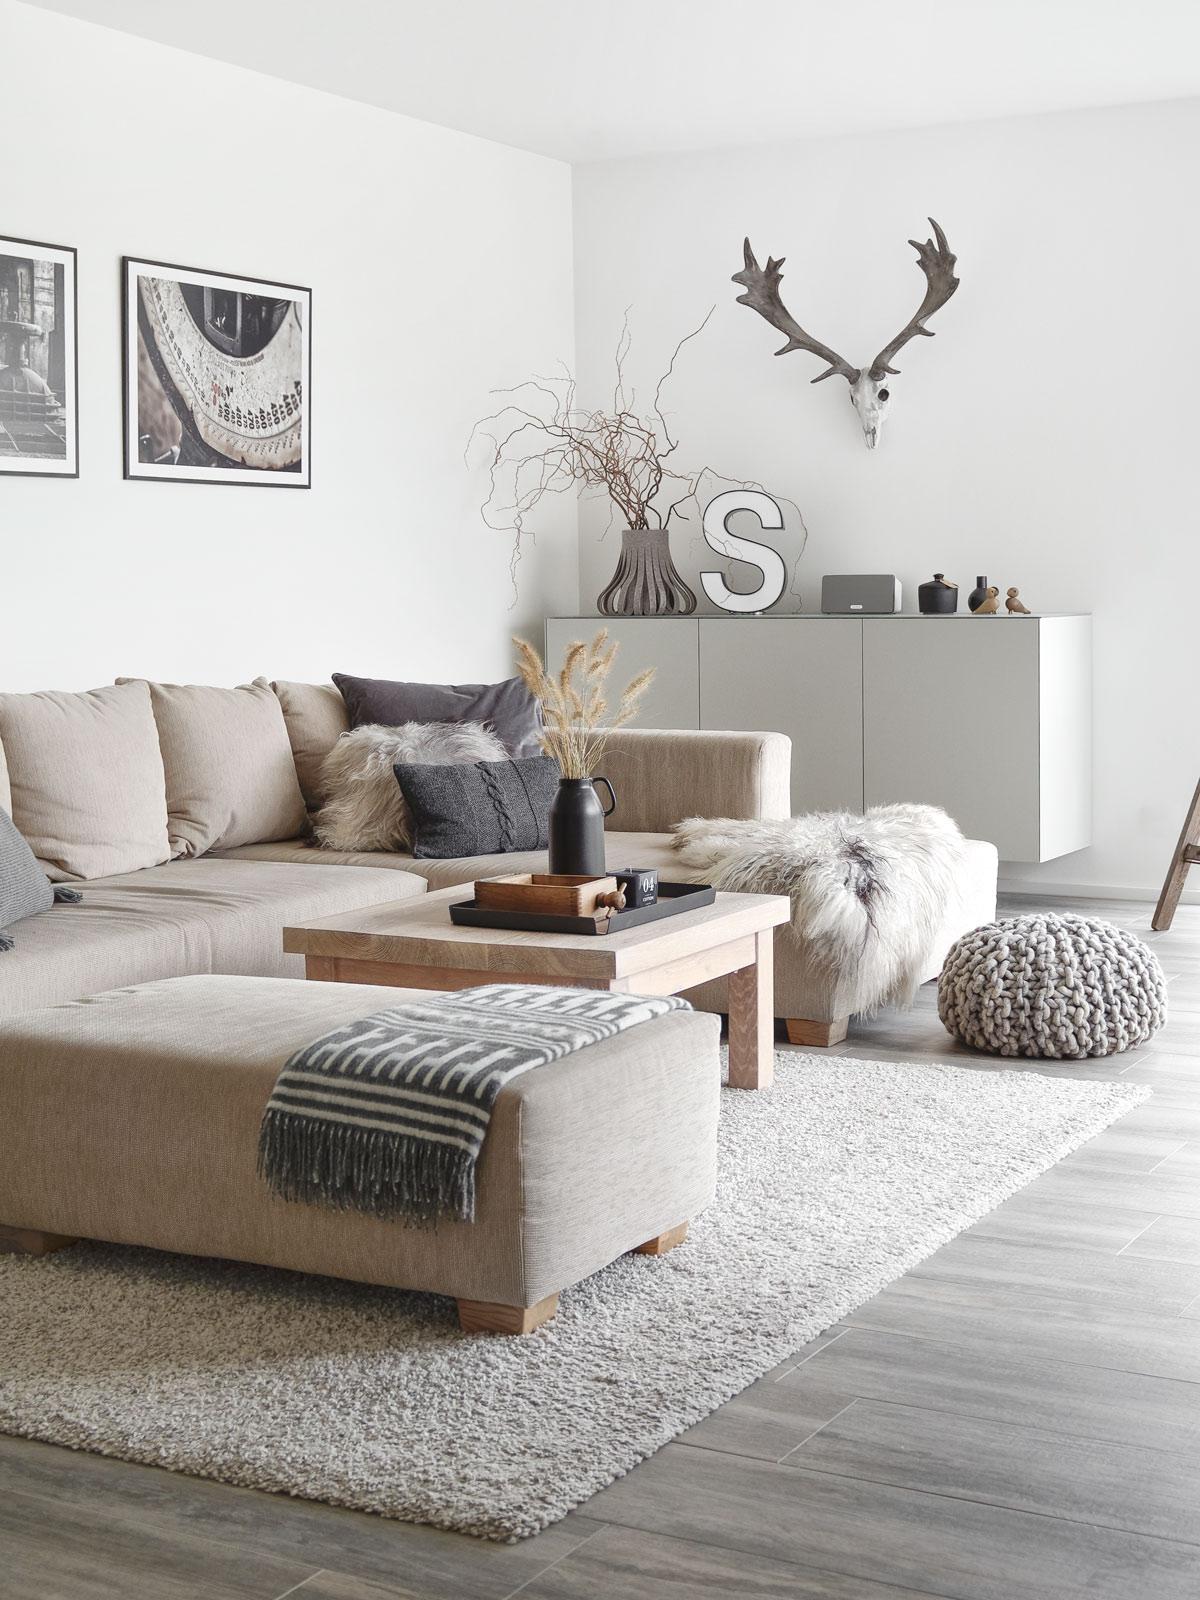 dekoration | wandschrank im wohnzimmer - mxliving